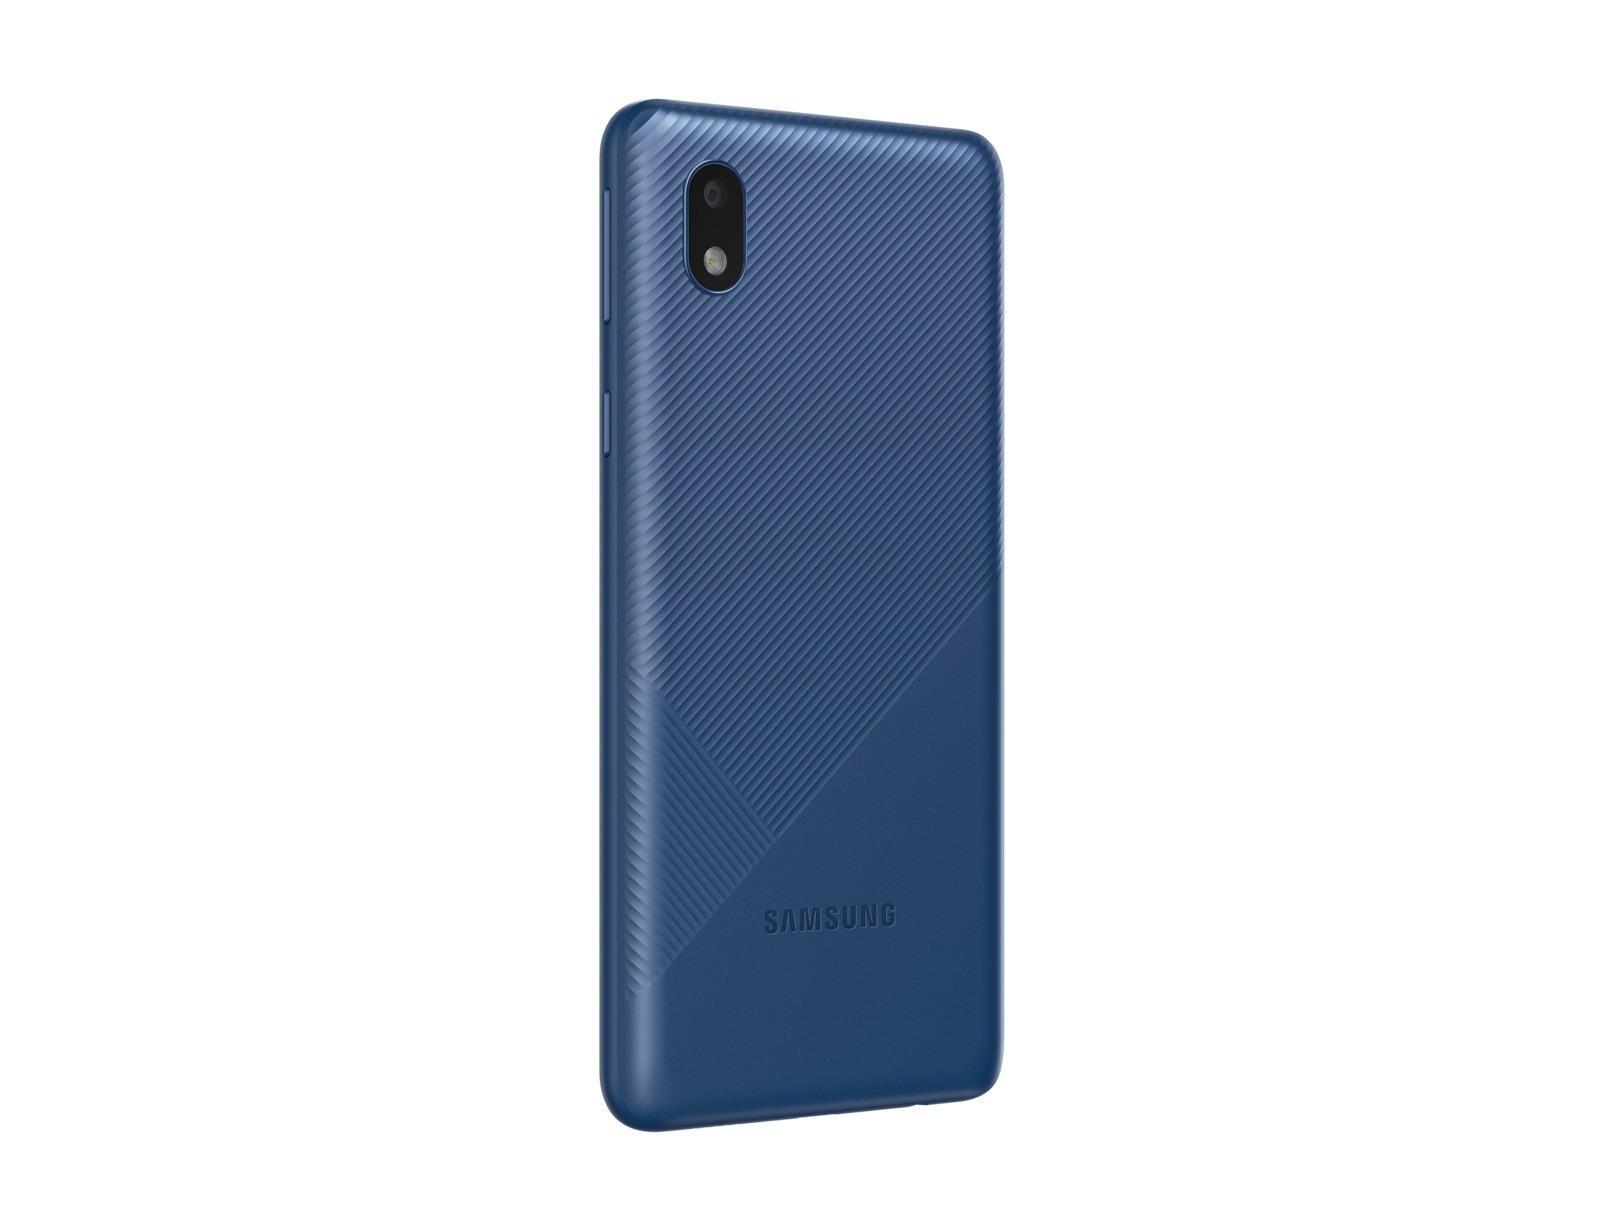 گوشی سامسونگ Galaxy A01 Core گنجایش 16GB آبیگوشی سامسونگ Galaxy A01 Core گنجایش 16GB آبی